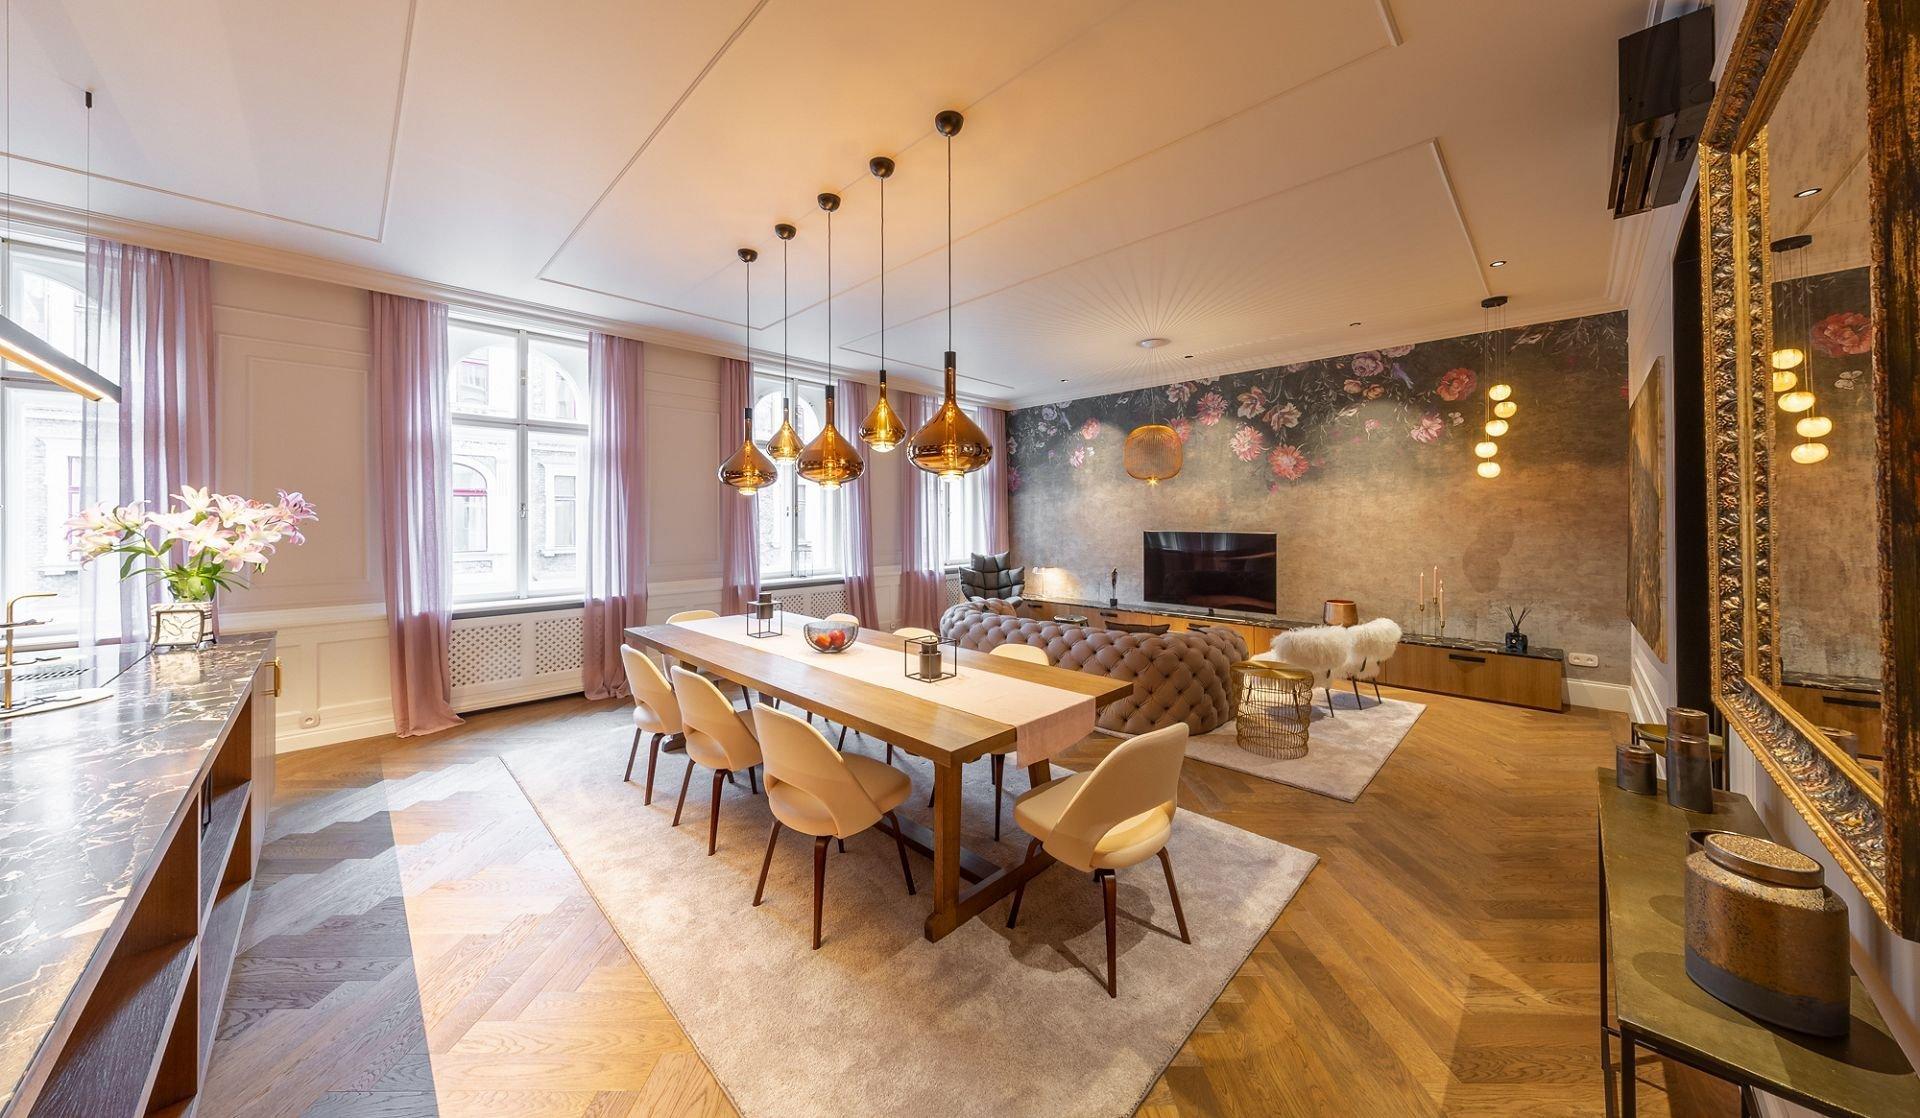 Nedaleko od Václavského náměstí a Františkánské zahrady se nachází luxusně zařízený byt ve stylu glamour. Prošel si nákladnou a velmi precizní rekonstrukcí, nyní tak nabízí vysoce komfortní bydlení přímo v centru historické Prahy. Přitažlivost tohoto bytu tkví především v jeho lesku, pastelových barvách a květinových motivech.